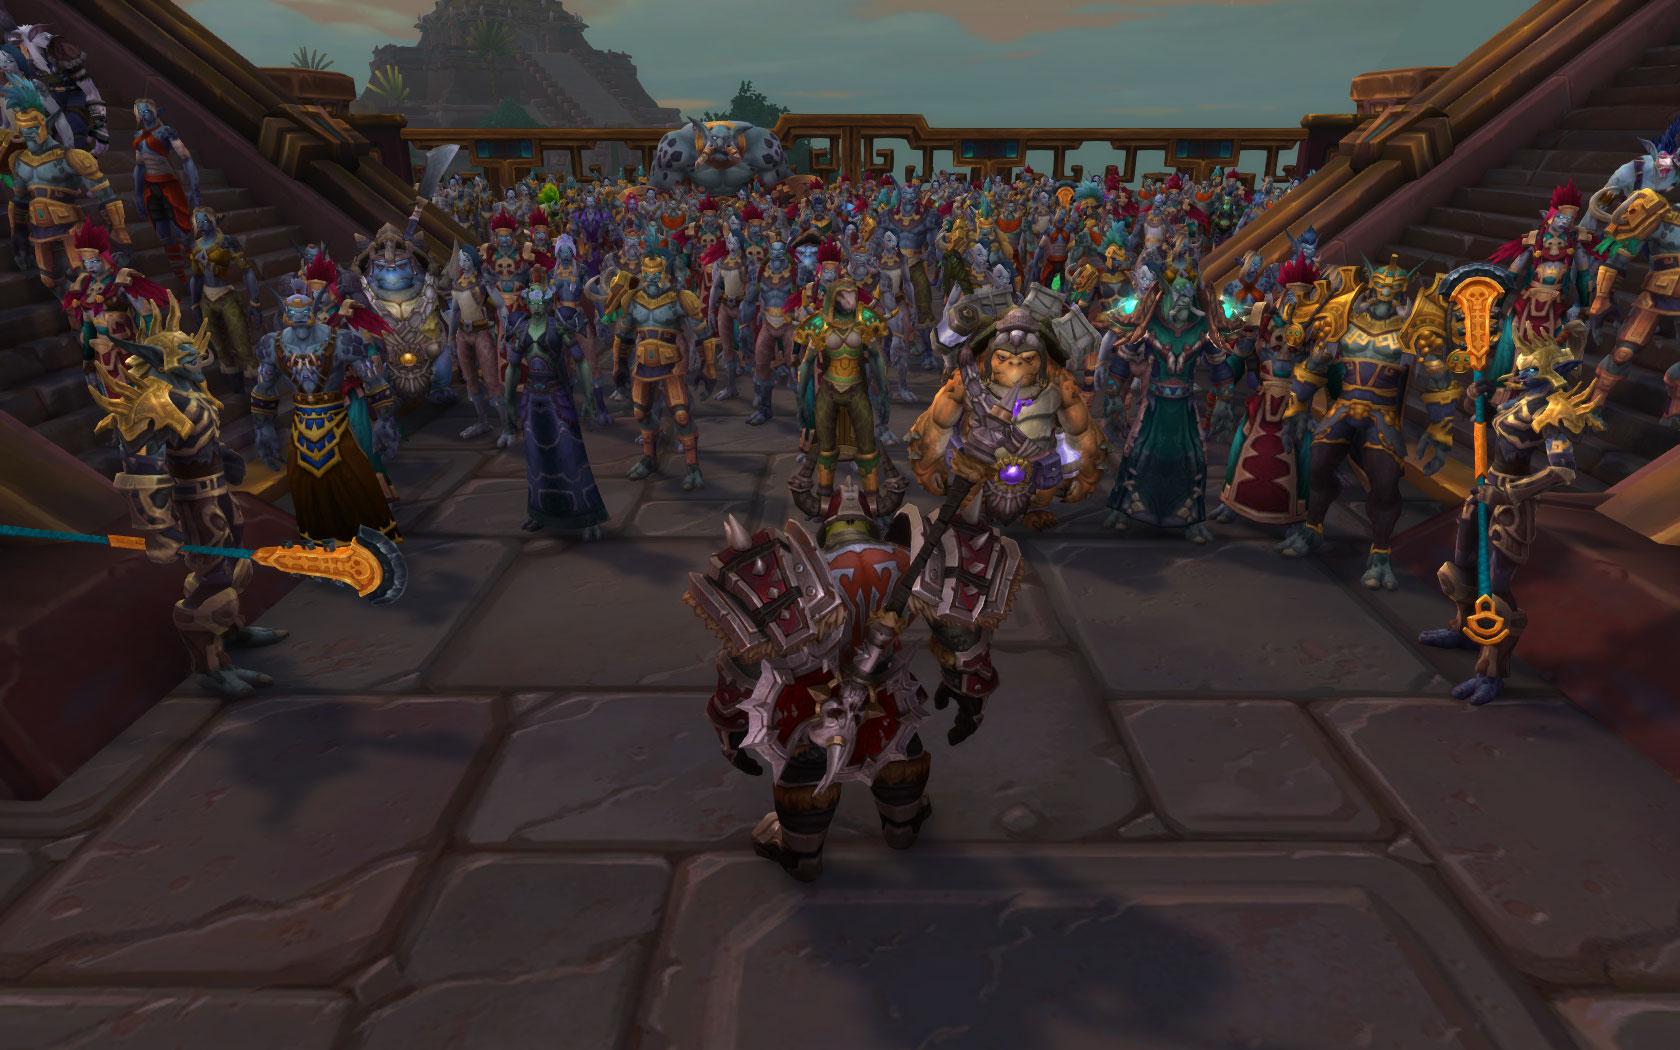 WoWScrnShot_101219_213756.jpg - World of Warcraft